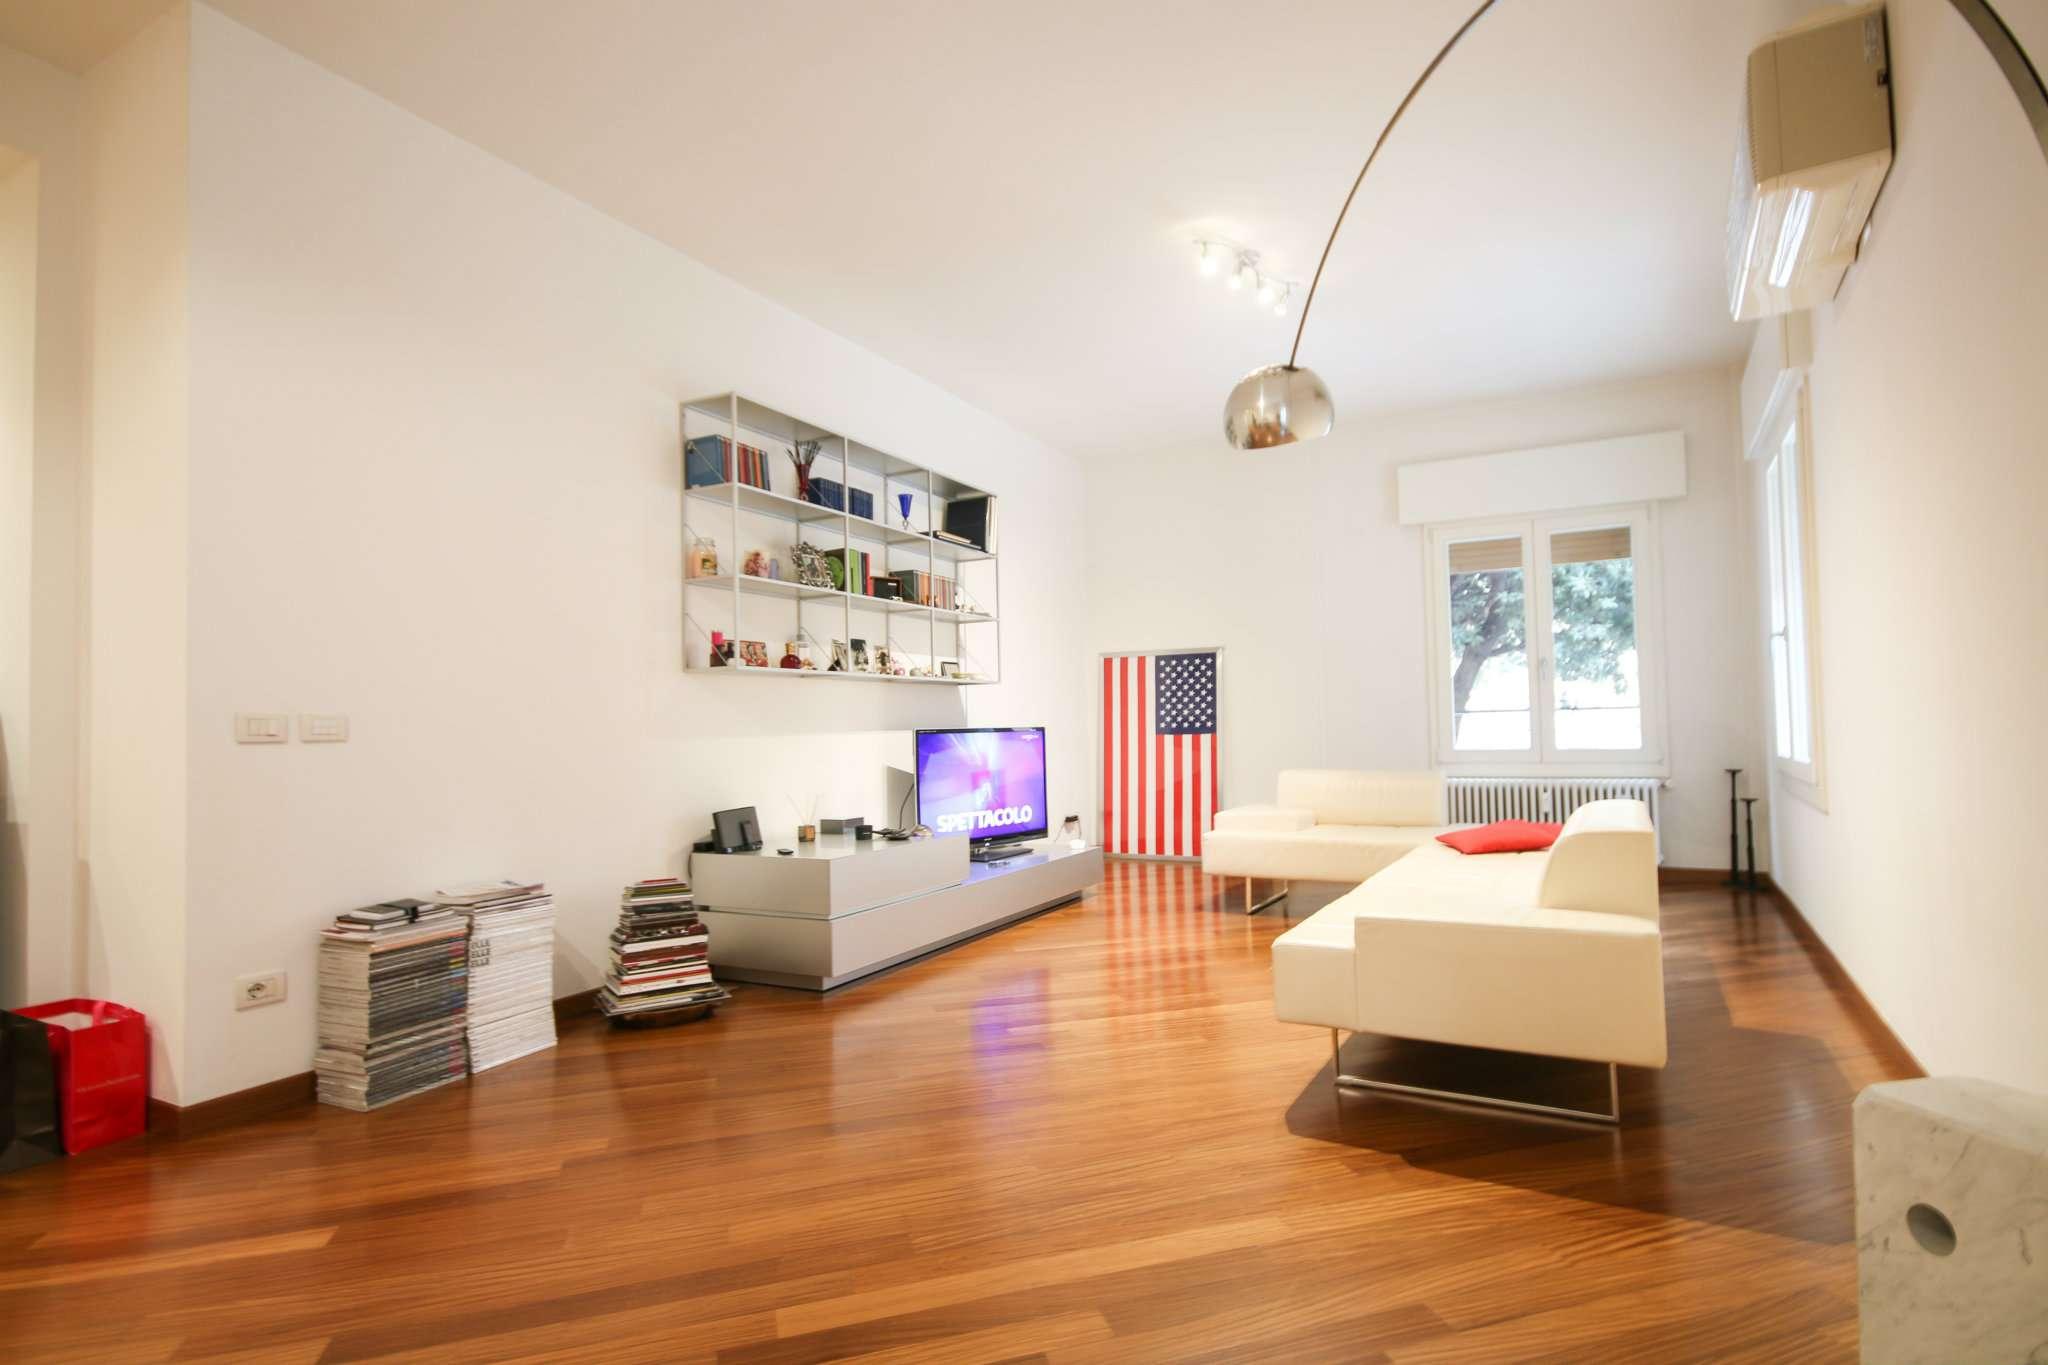 Appartamento in affitto a Bologna, 5 locali, zona Zona: 1 . Centro Storico, prezzo € 1.750   Cambio Casa.it